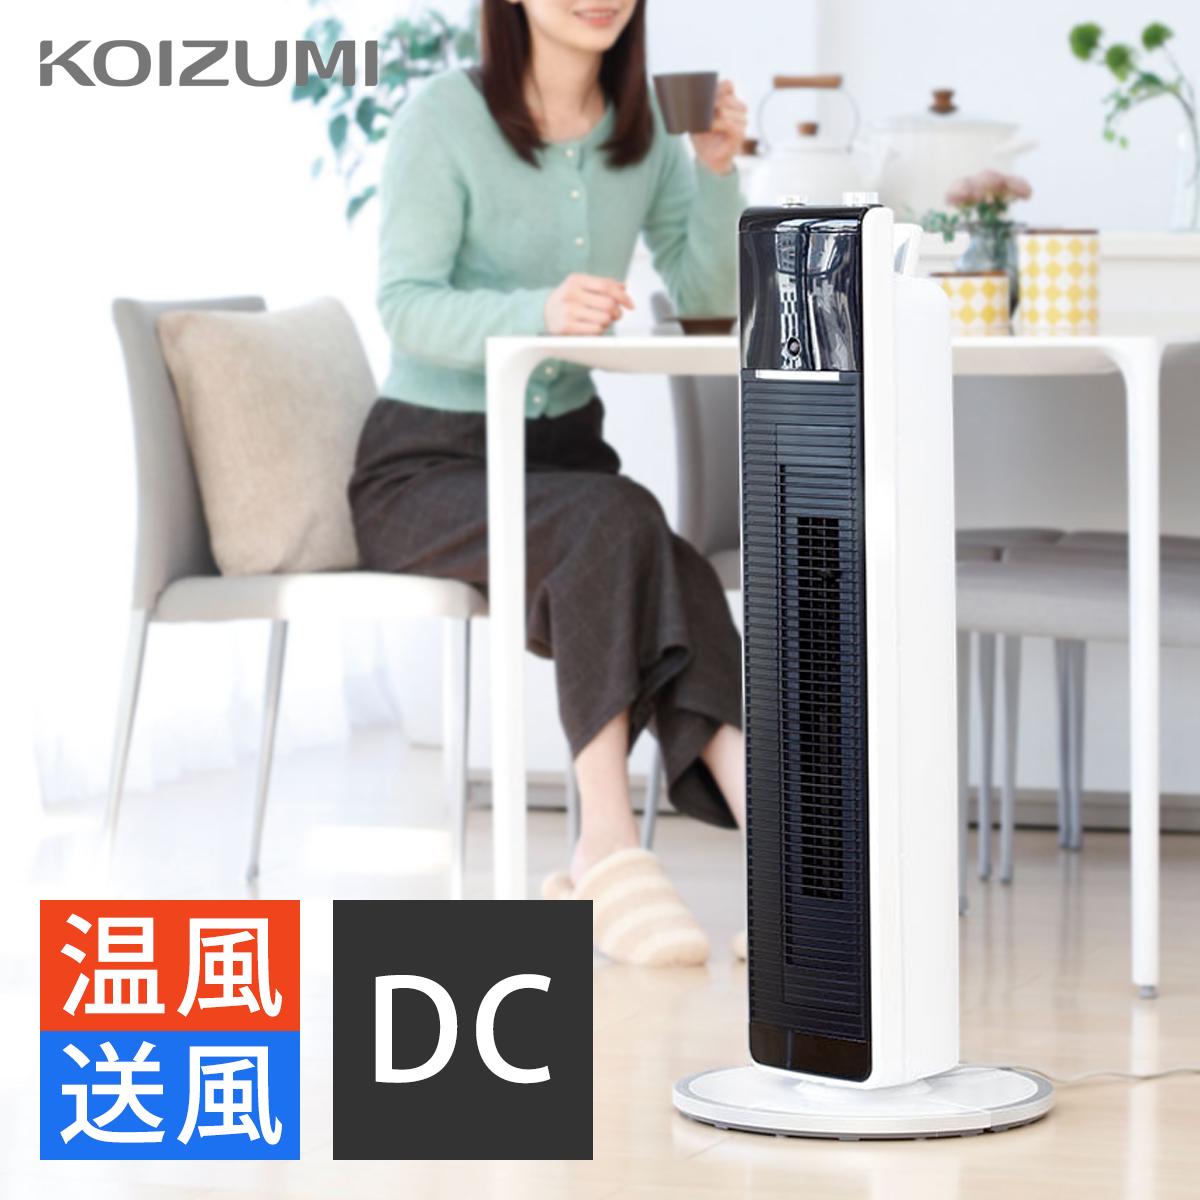 温風 暖房 HOT&COOL【ブラウン:完売しました】 ホット&クール セラミックヒーター 人感センサー   送風機 温風ヒーター スリム 扇風機 ファンヒーター